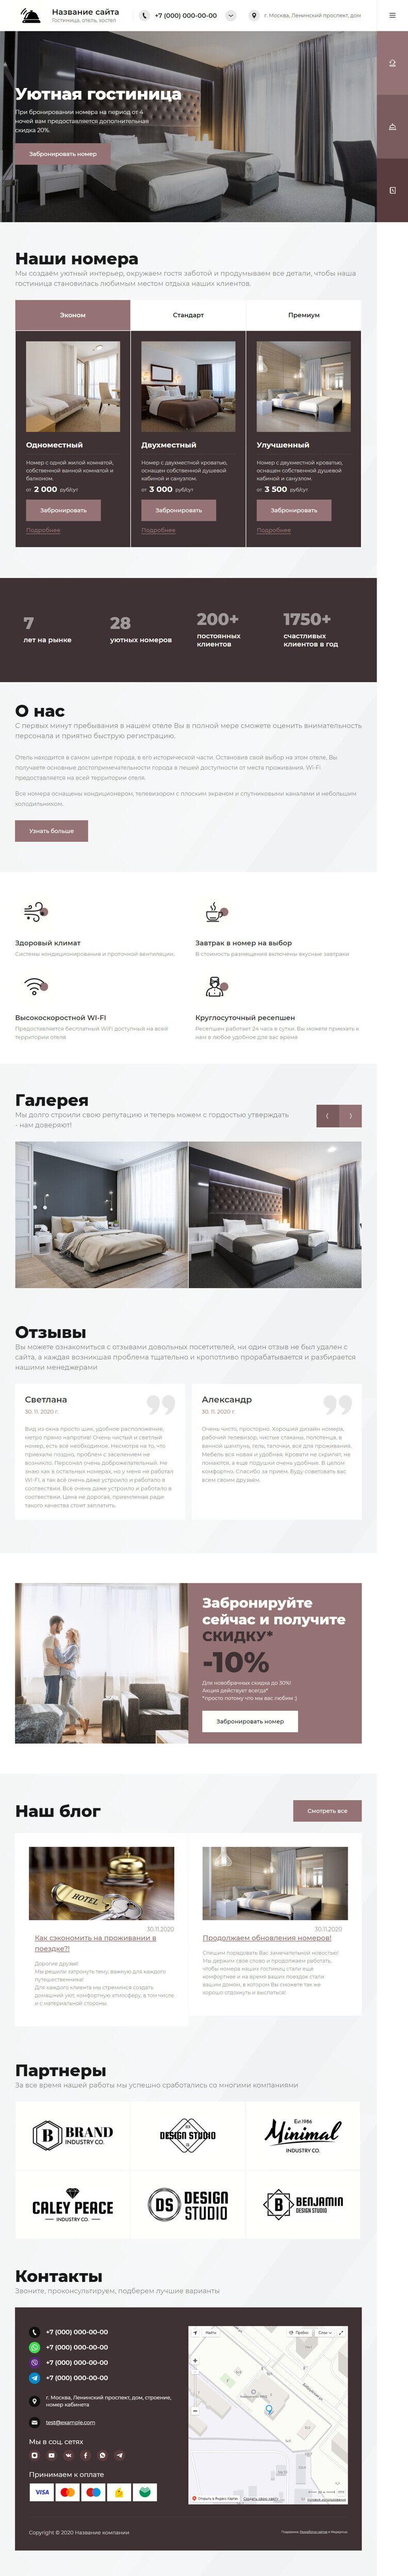 Готовый Сайт-Бизнес #2911304 - Гостиницы, отели, хостелы (Главная 3)